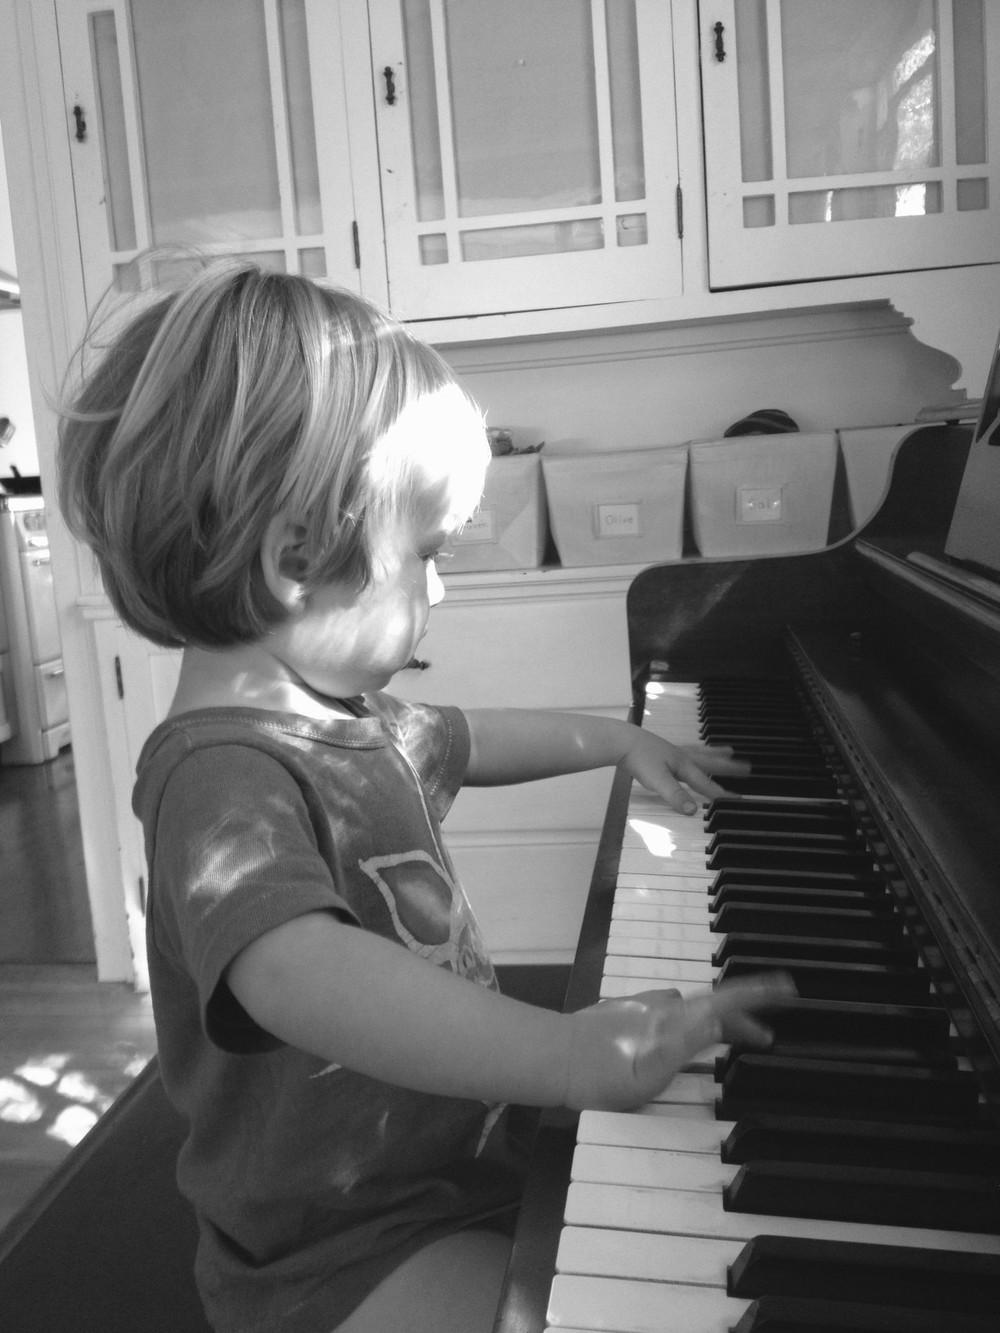 g at piano.jpg